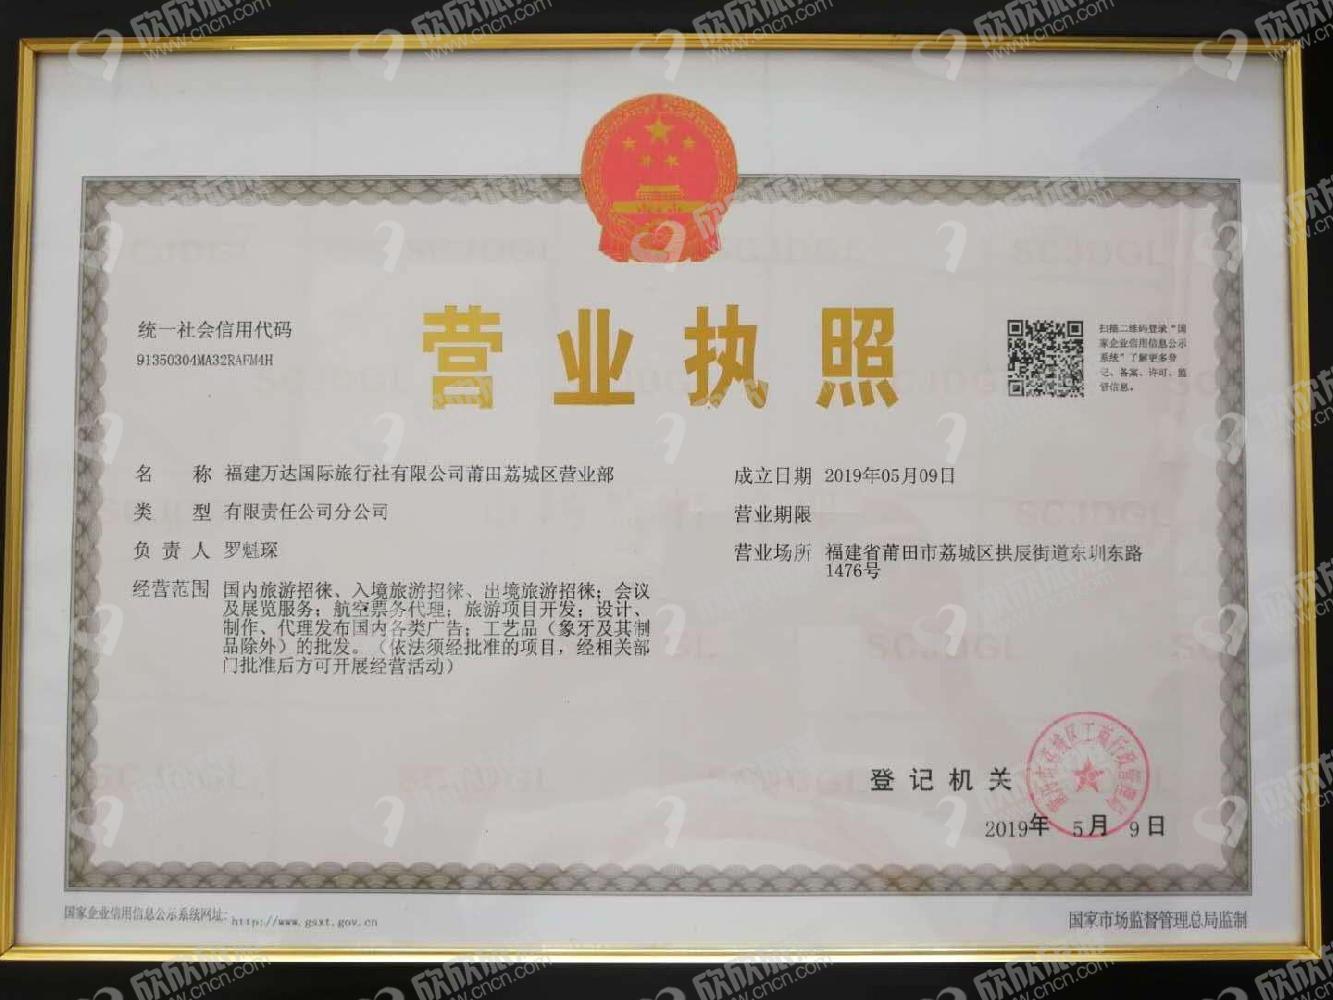 莆田市海神国际旅行社集团有限公司城厢建安路营业部营业执照